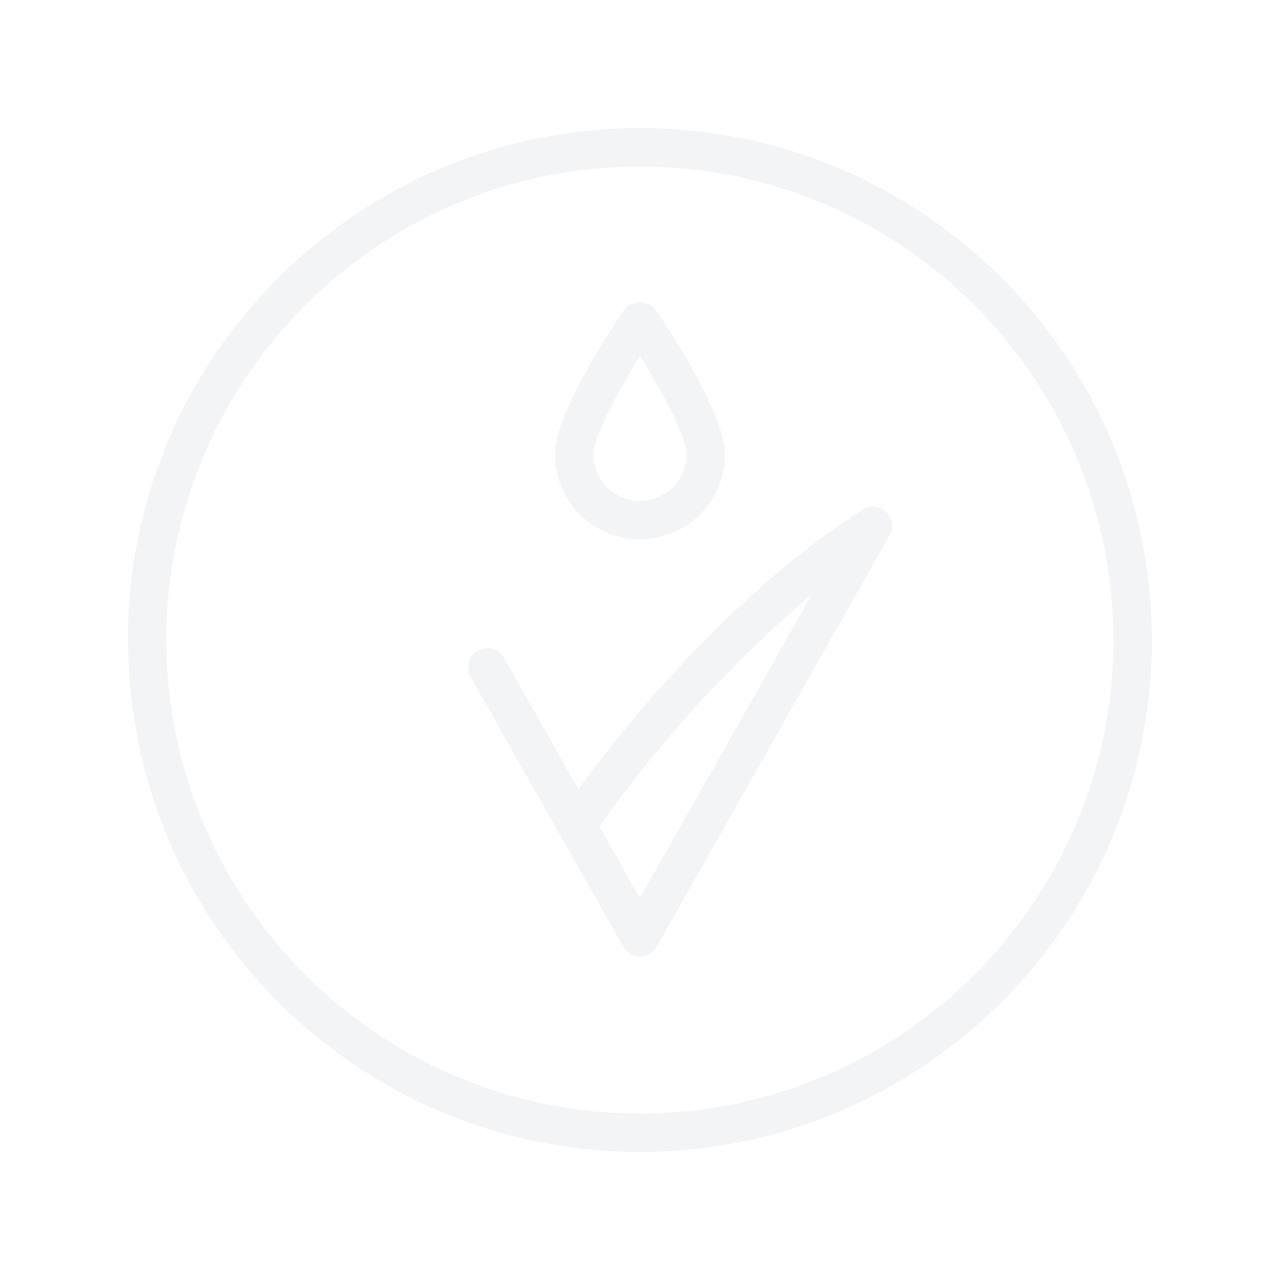 BJÖRK & BERRIES White Forest Hand Wash жидкость для мытья рук 250ml